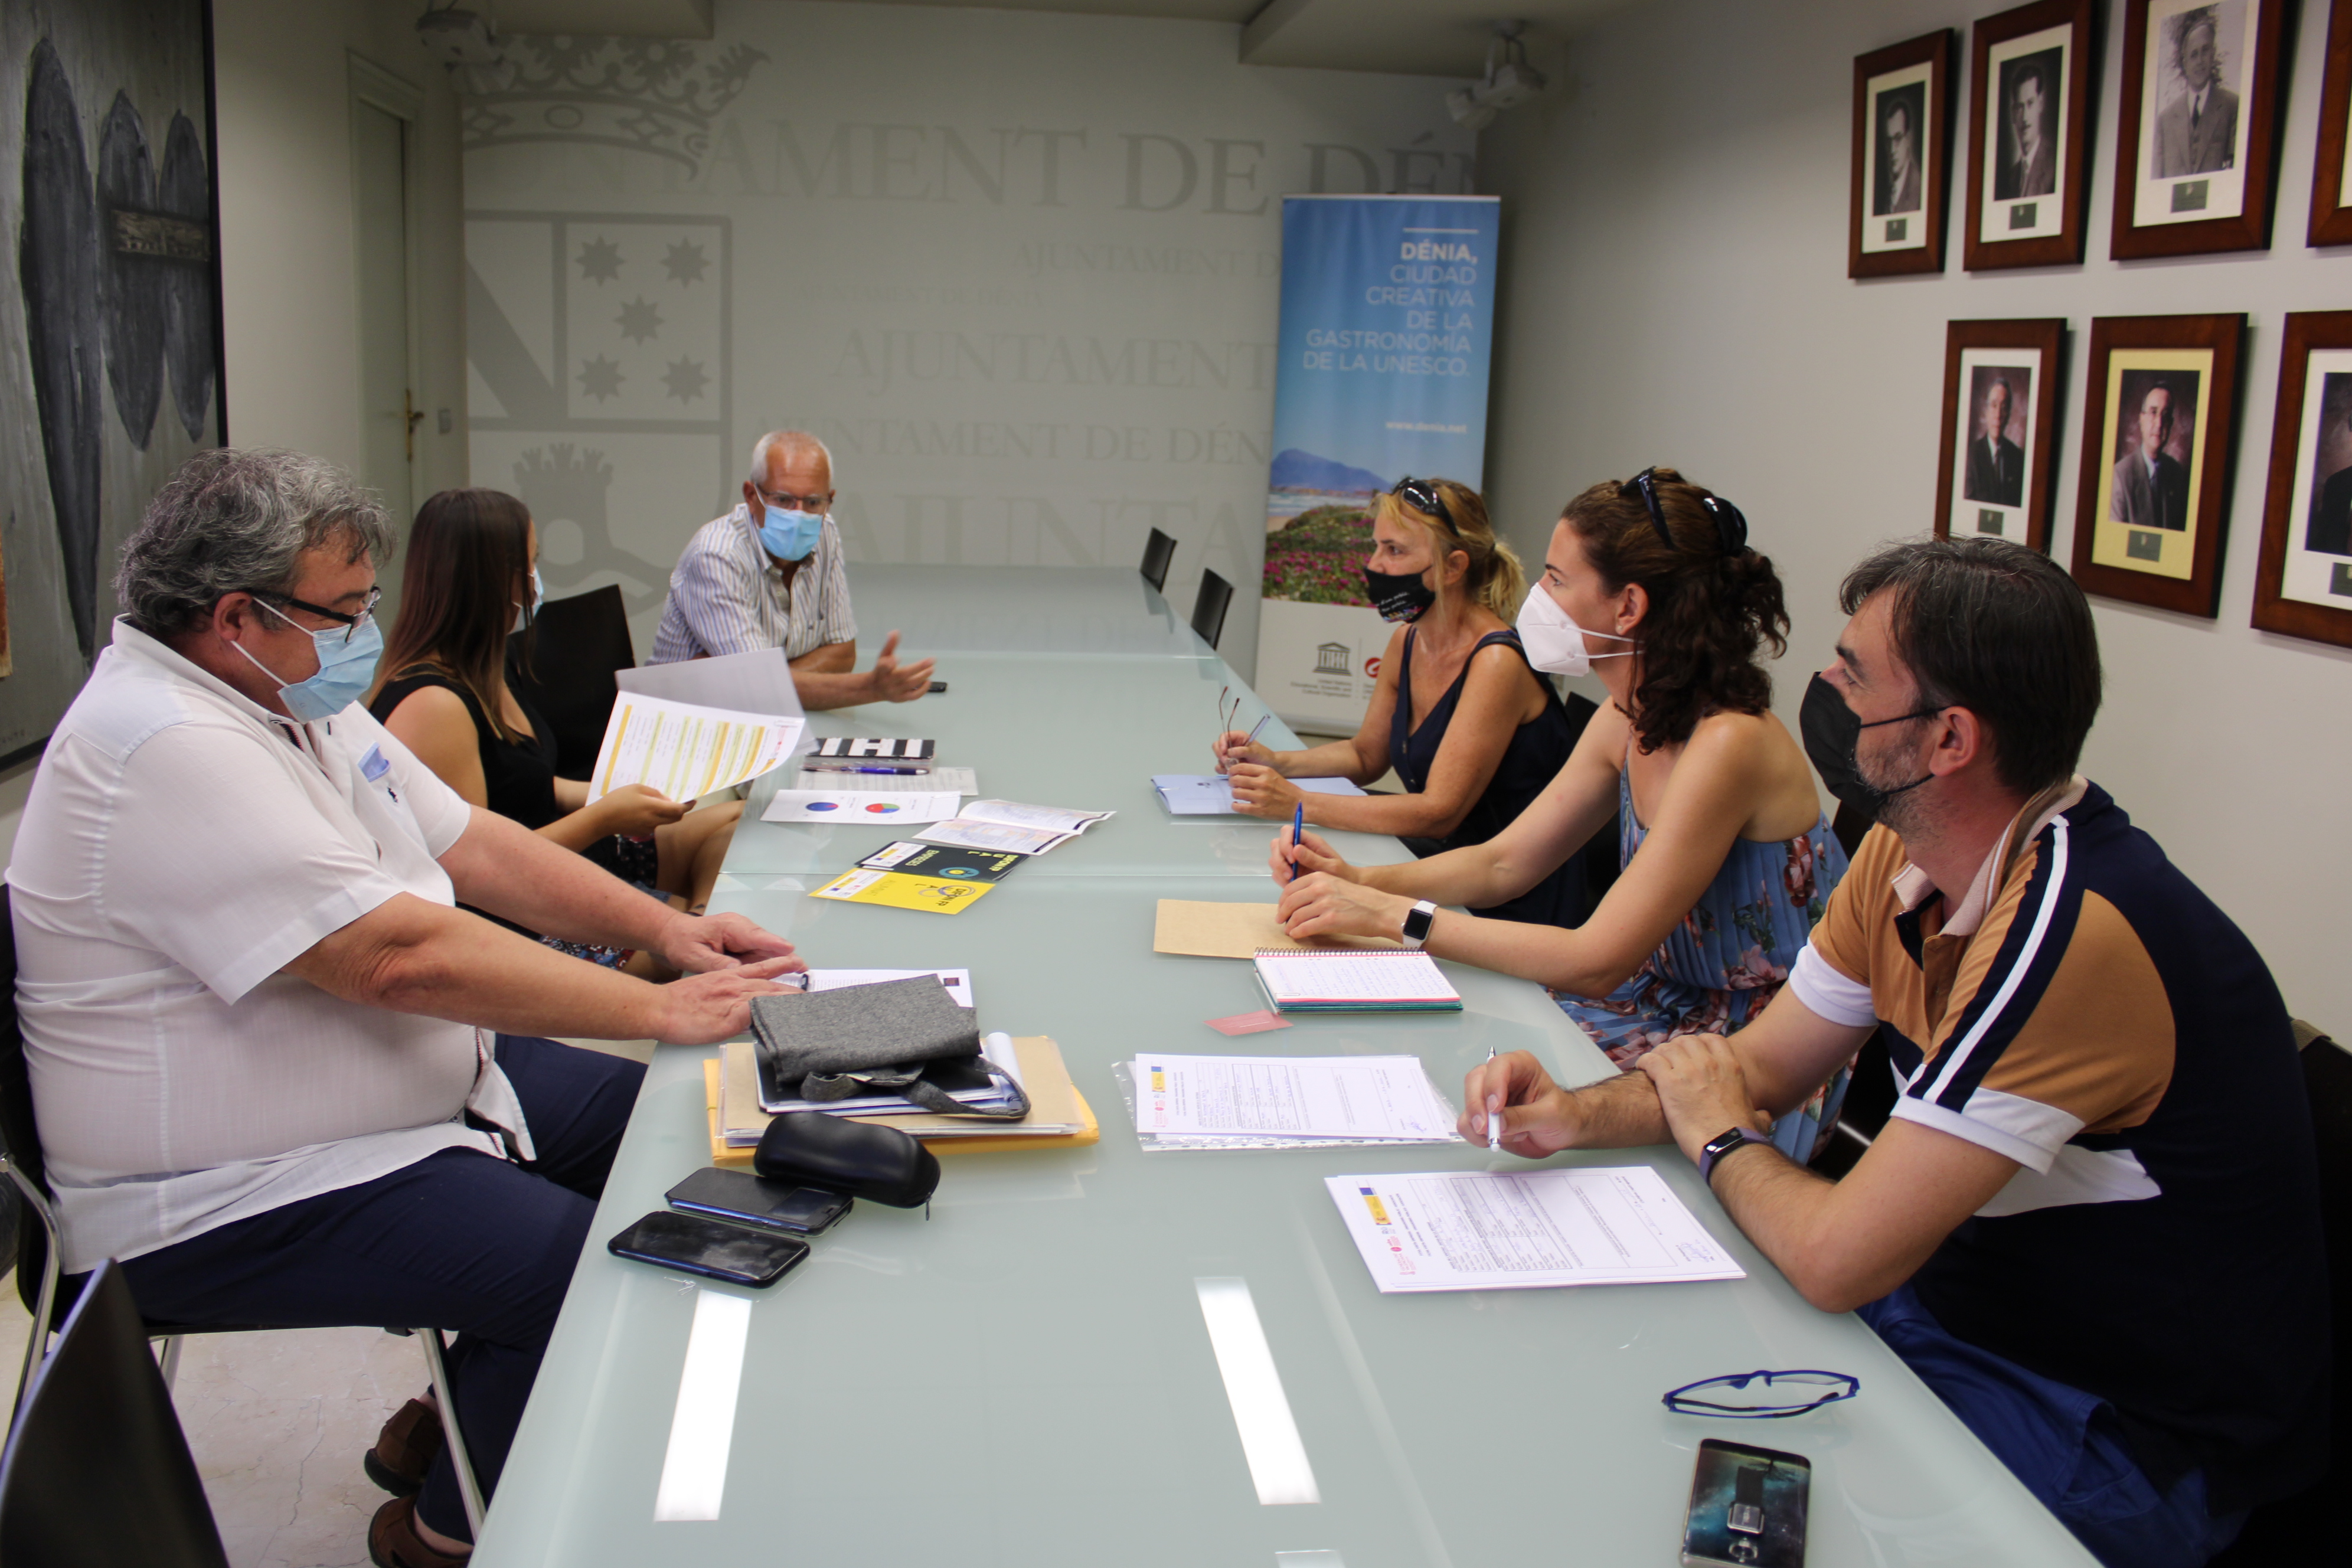 L'Ajuntament de Dénia col·laborarà amb l'IES Sorts de la Mar per a oferir pràctiques...